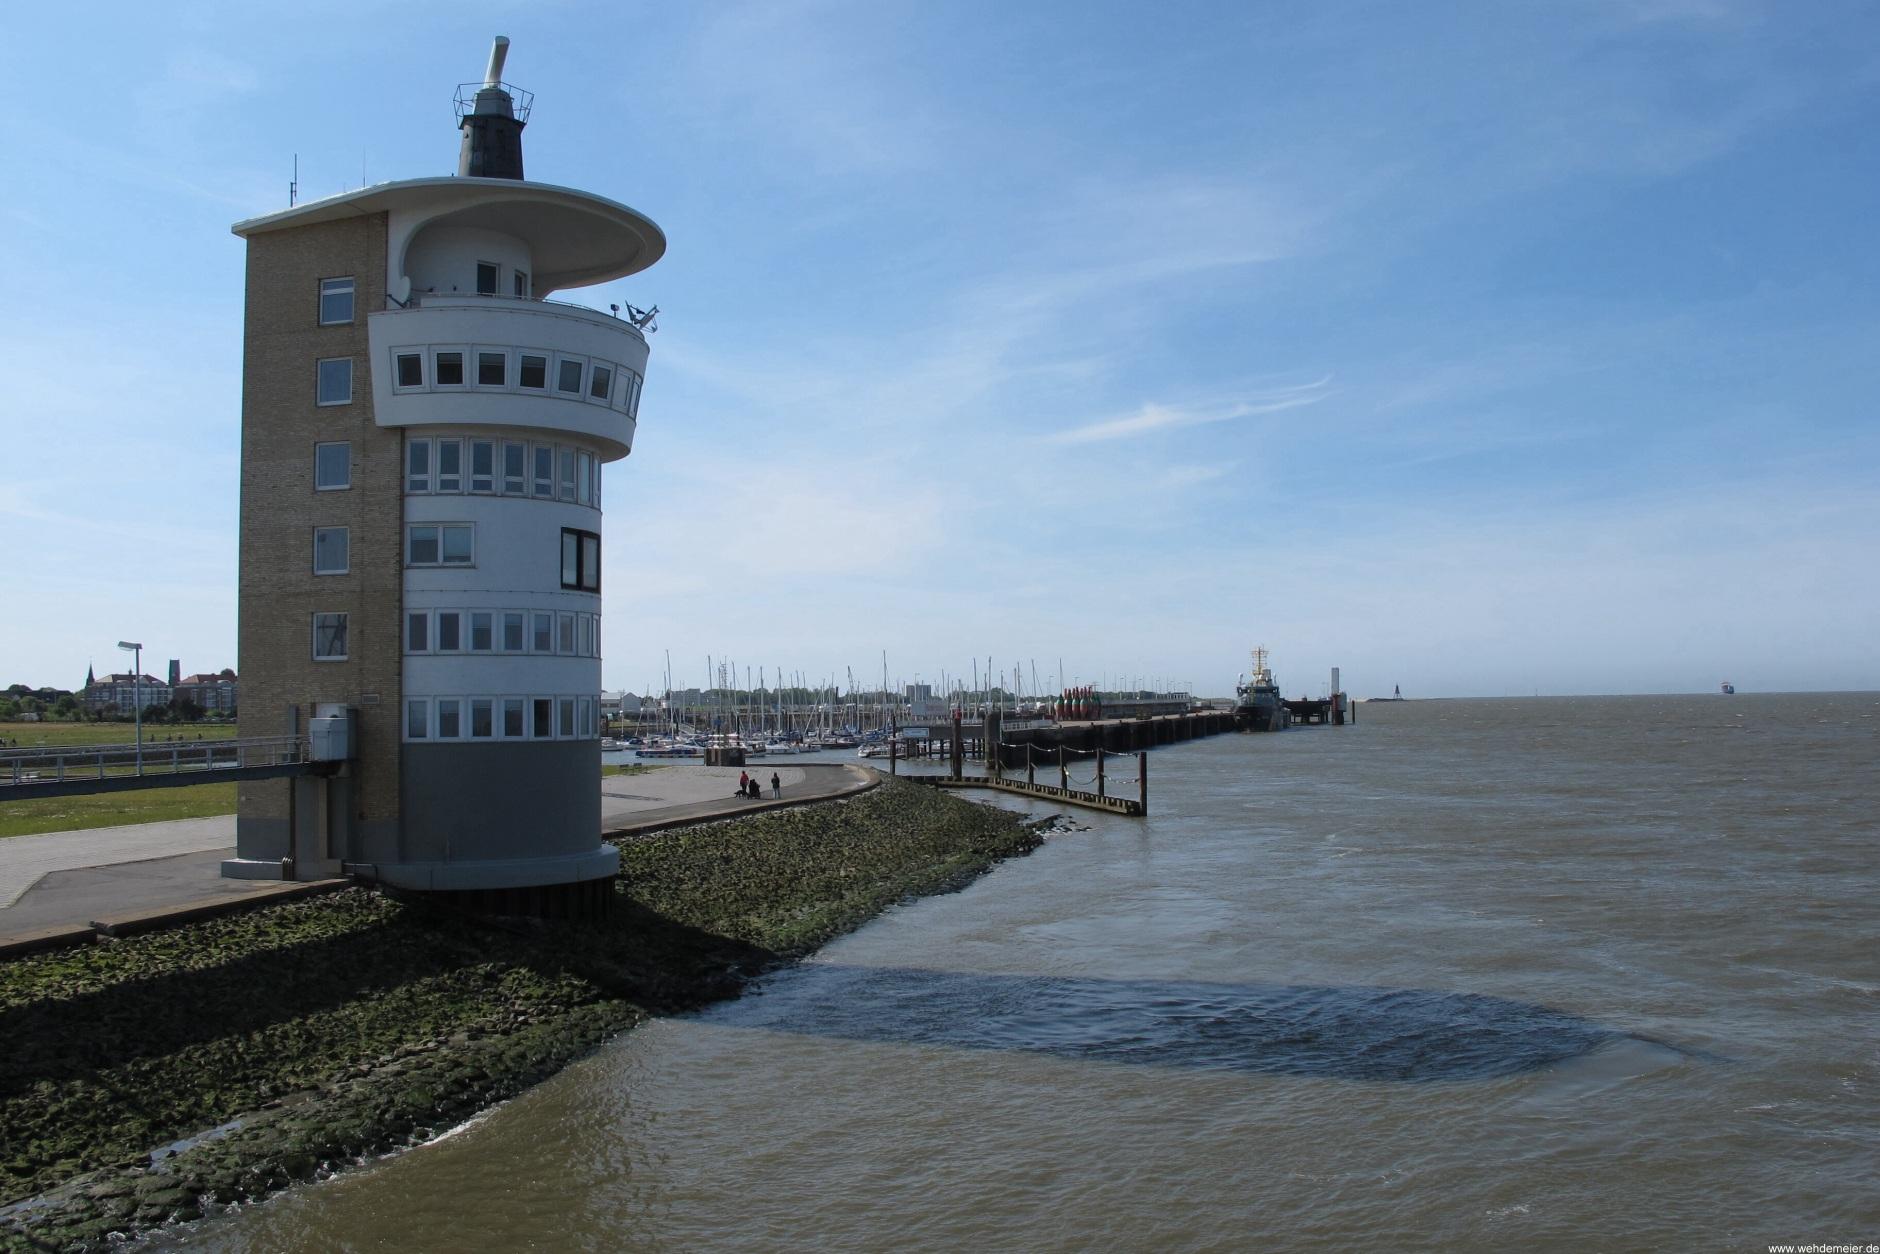 Schleuse neuer fischereihafen cuxhaven webcam